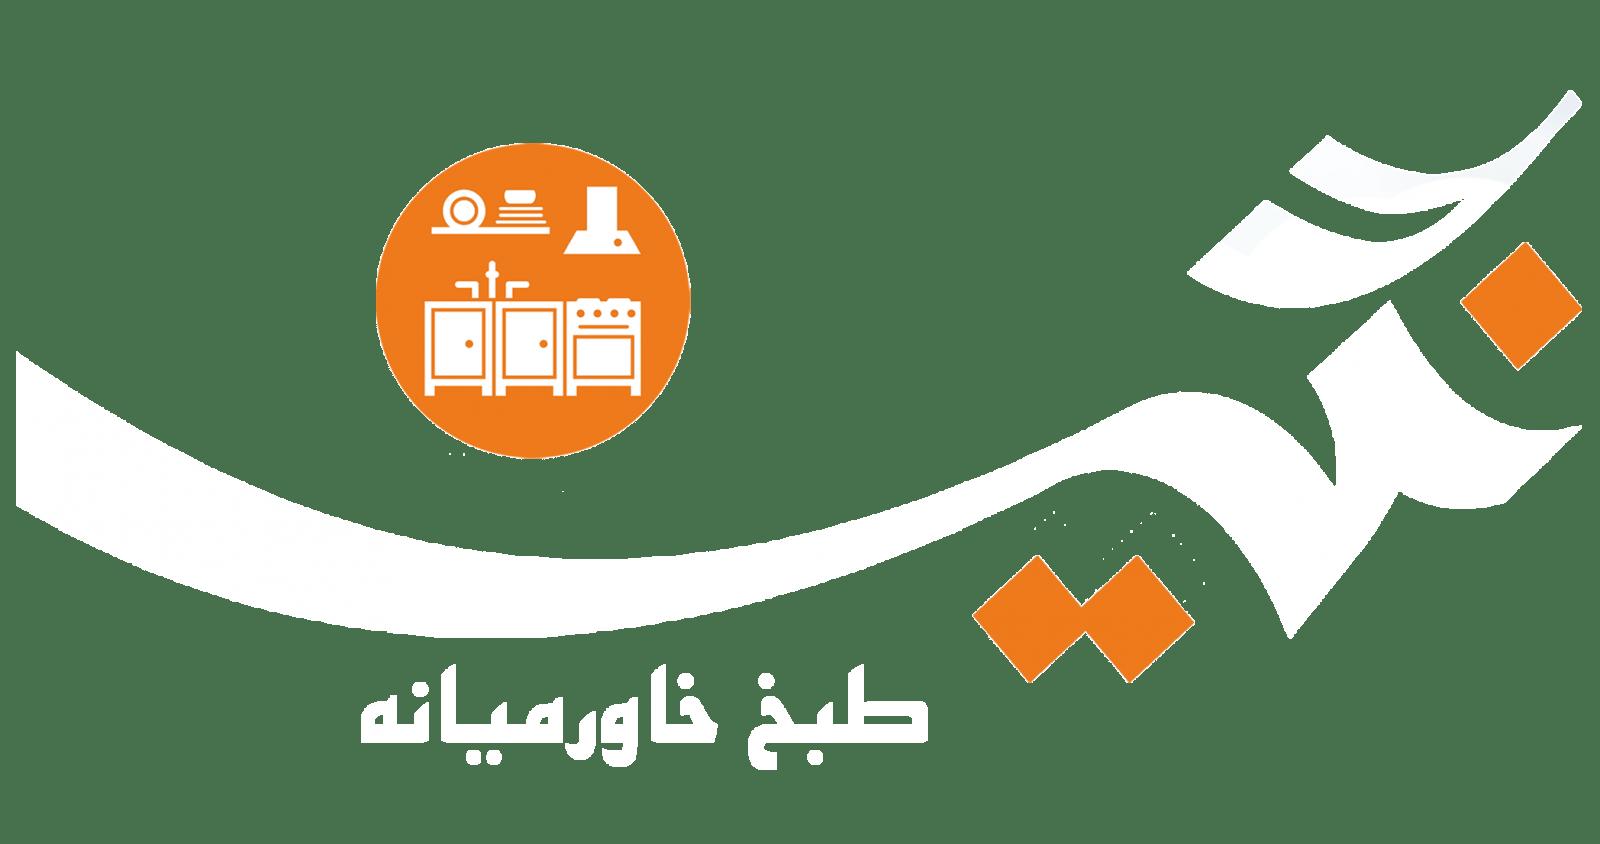 تجهیزات آشپزخانه صنعتی | نگین طبخ خاورمیانه